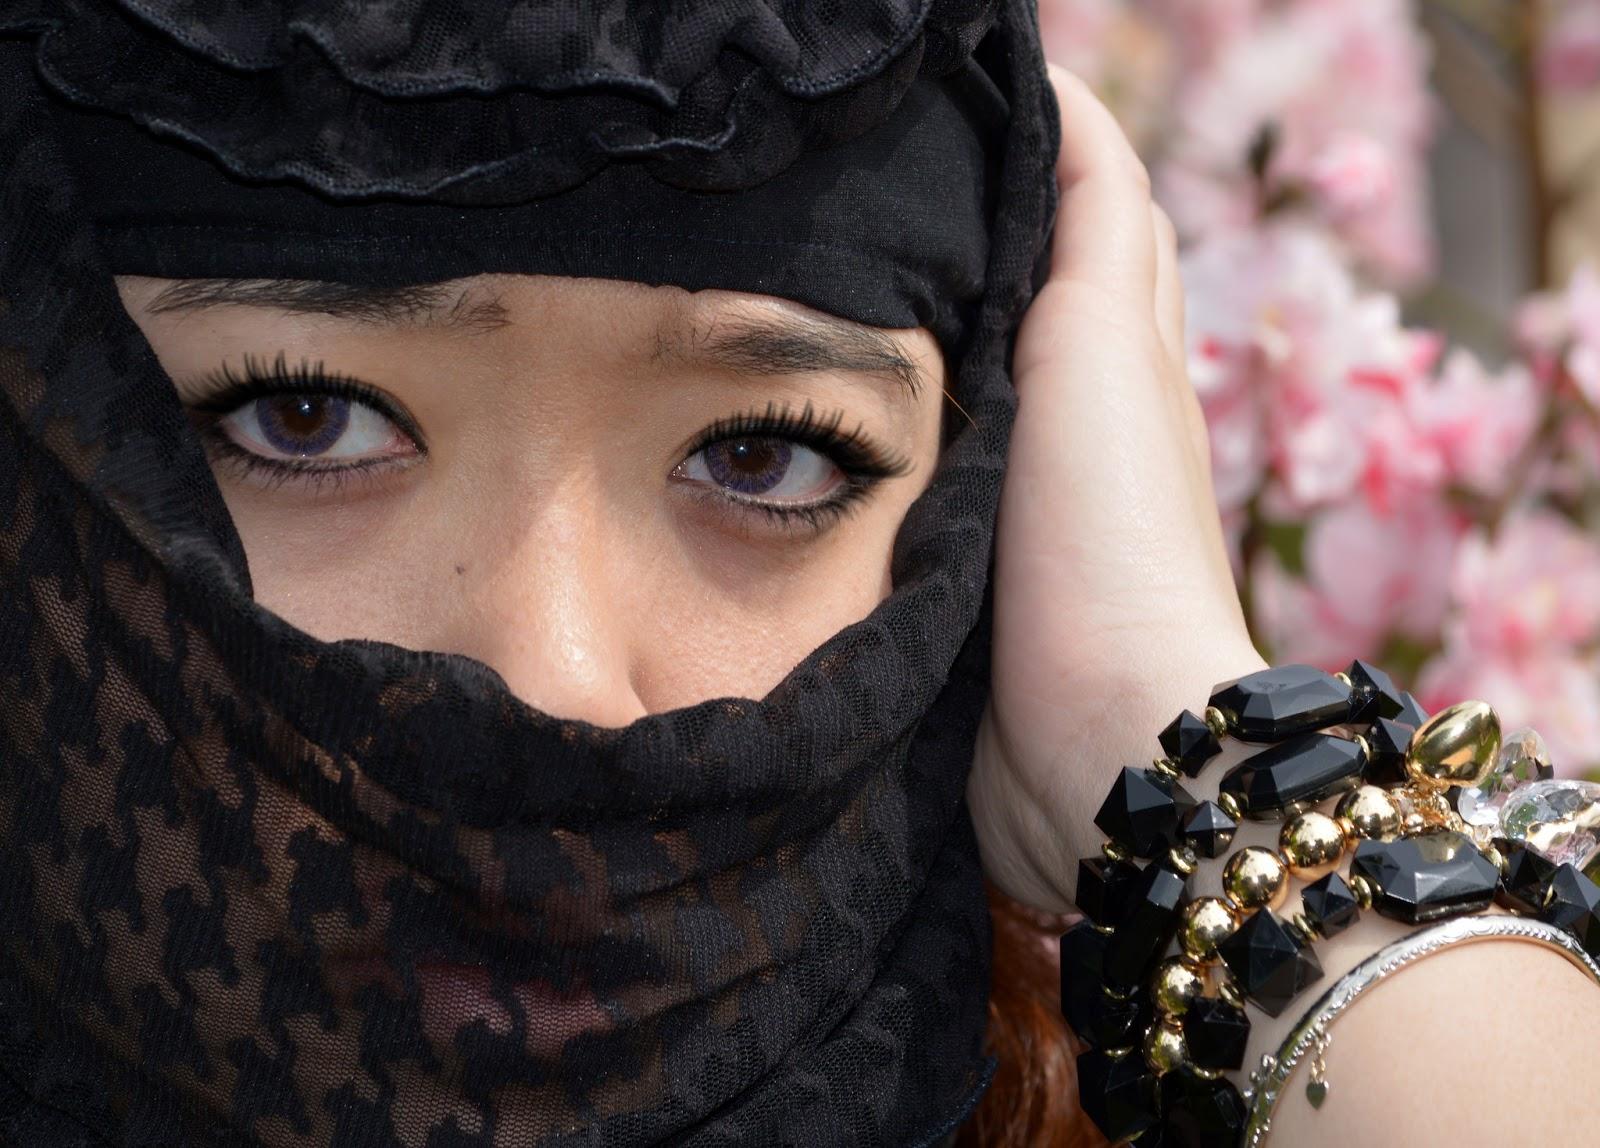 Mắt người con gái đẹp